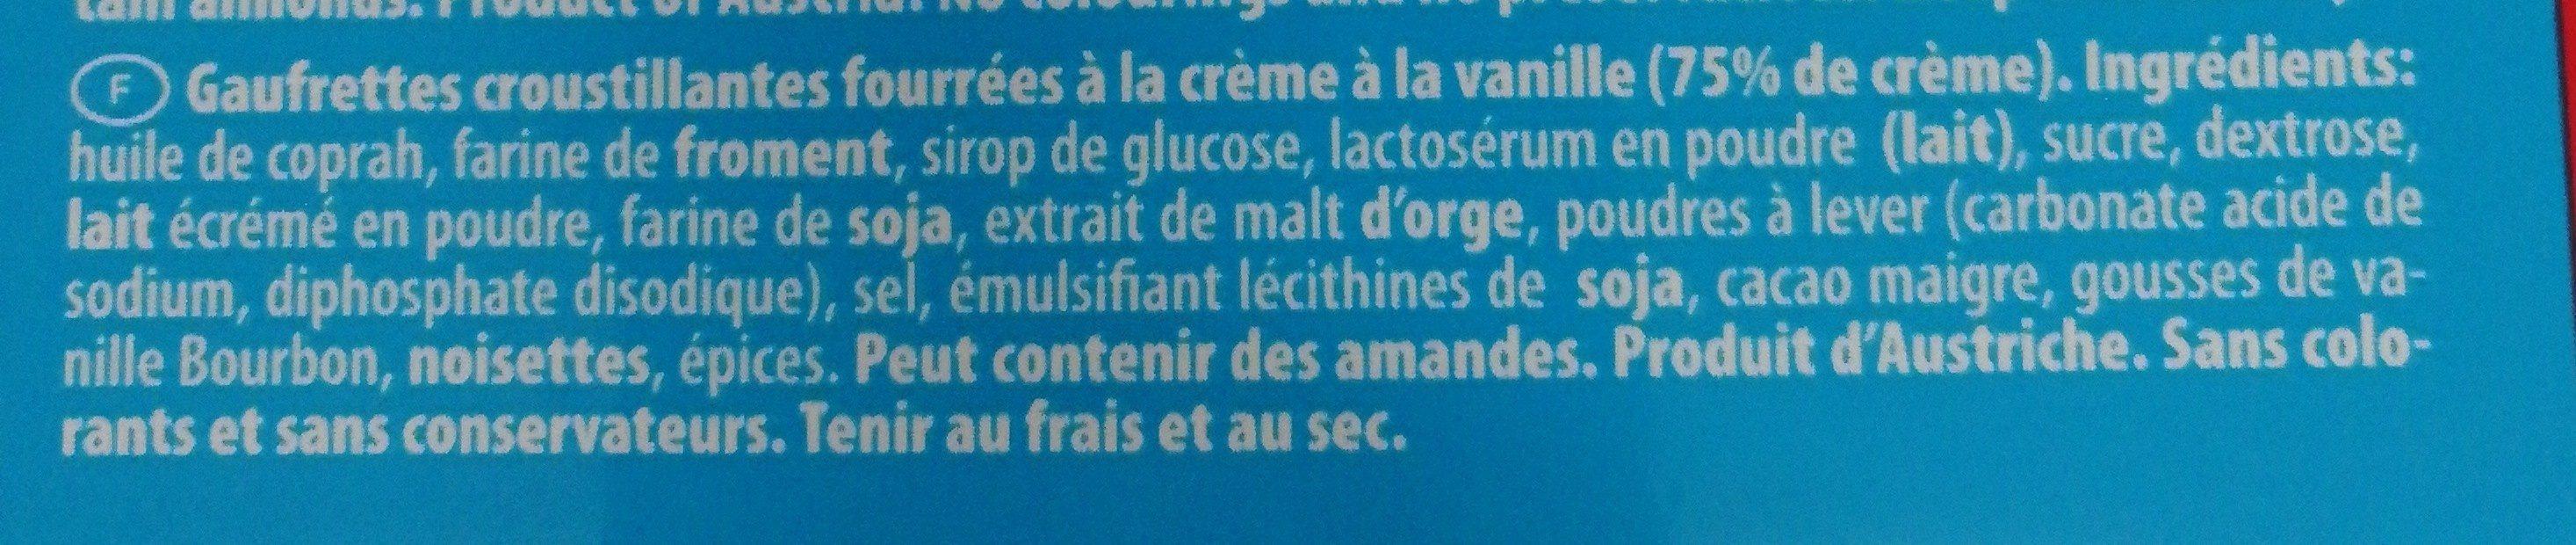 Gaufrettes A La Vanille - Ingrédients - fr